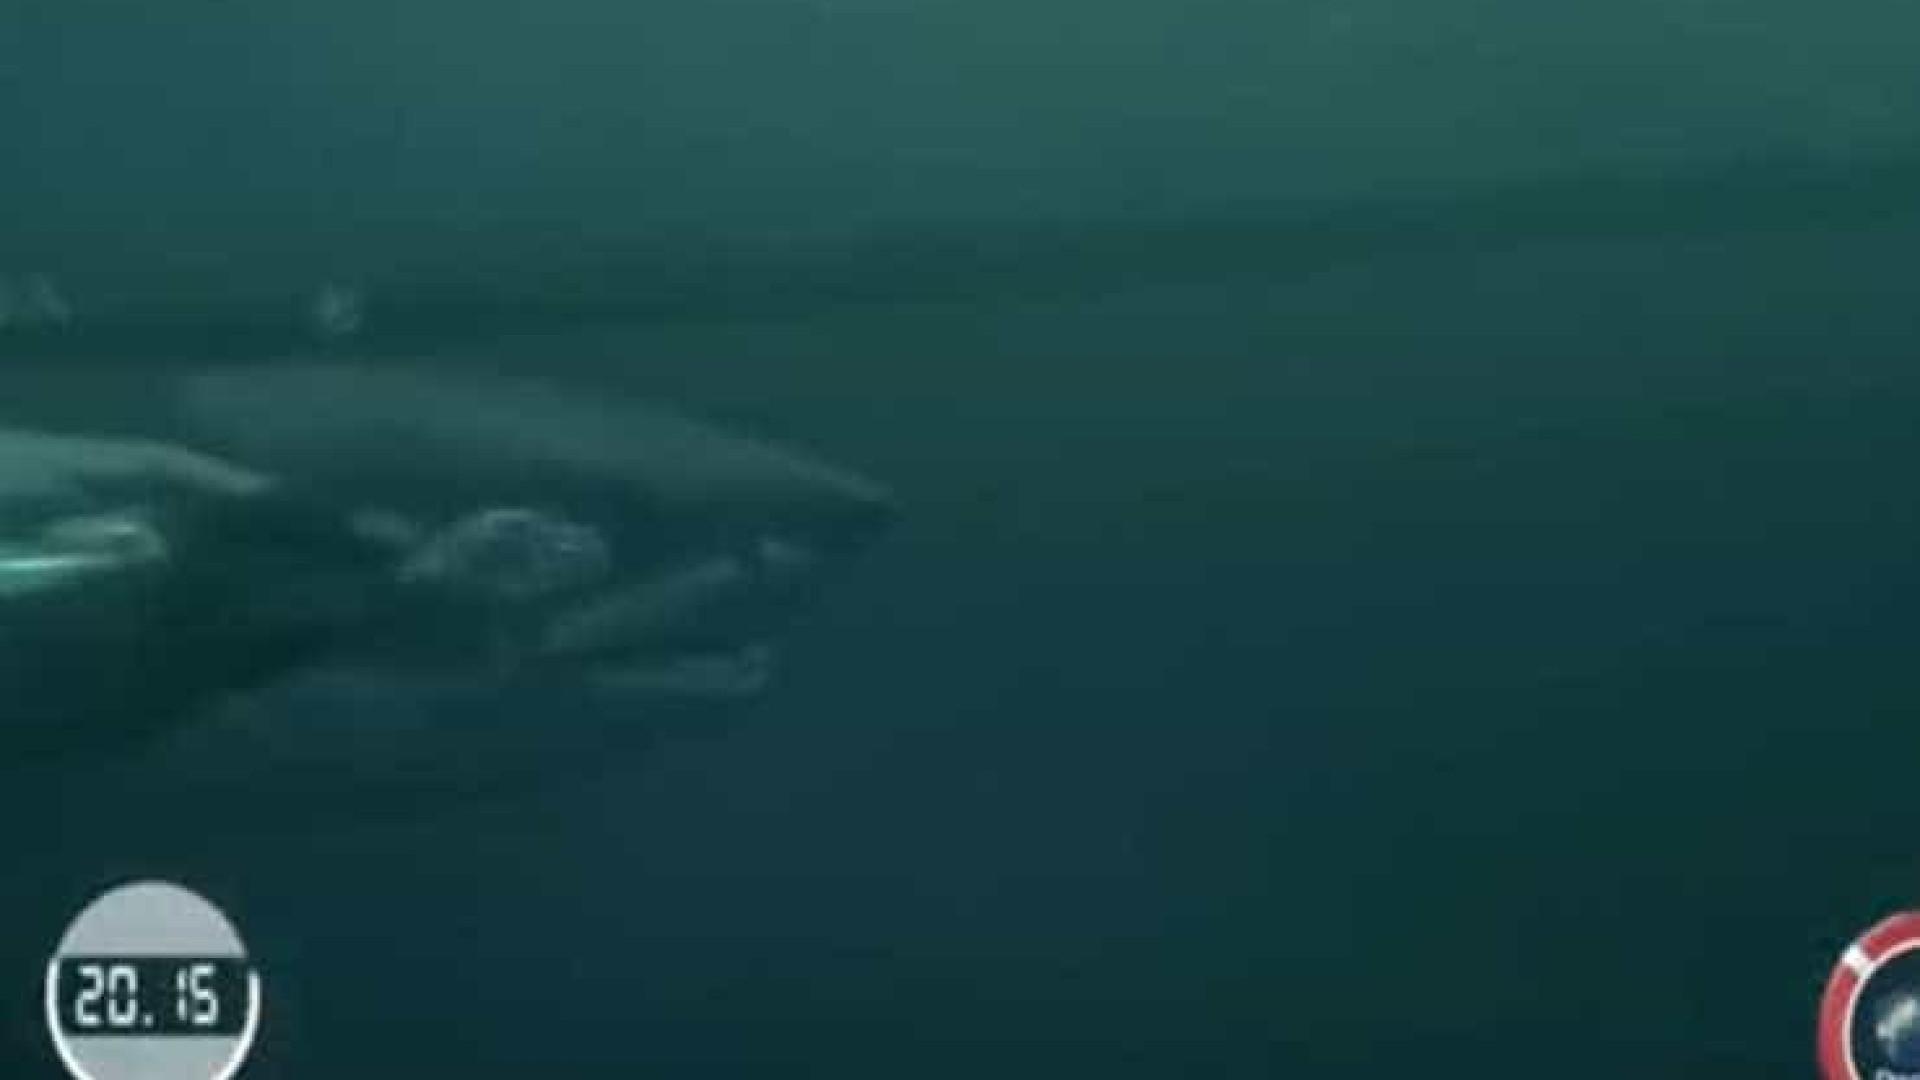 Nadador Michael Phelps aposta corrida com tubarão no mar